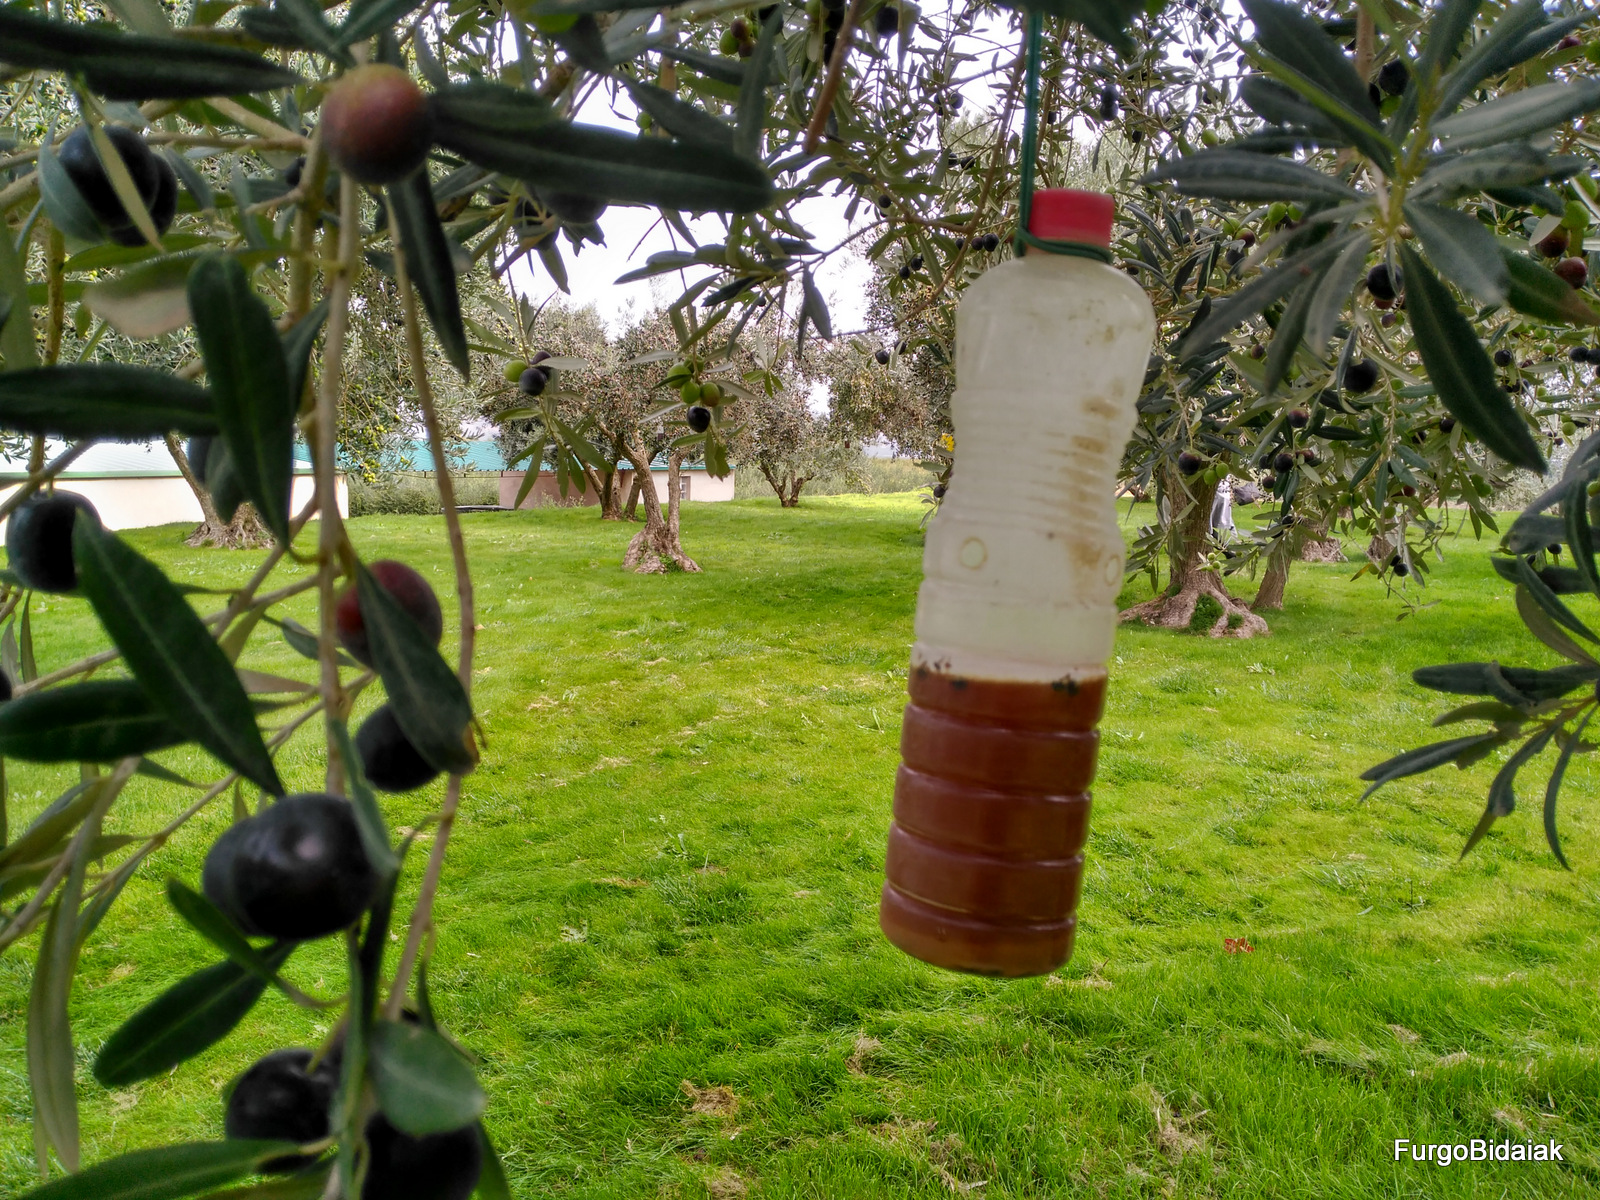 mosca del olivo, Artajo, Navarra